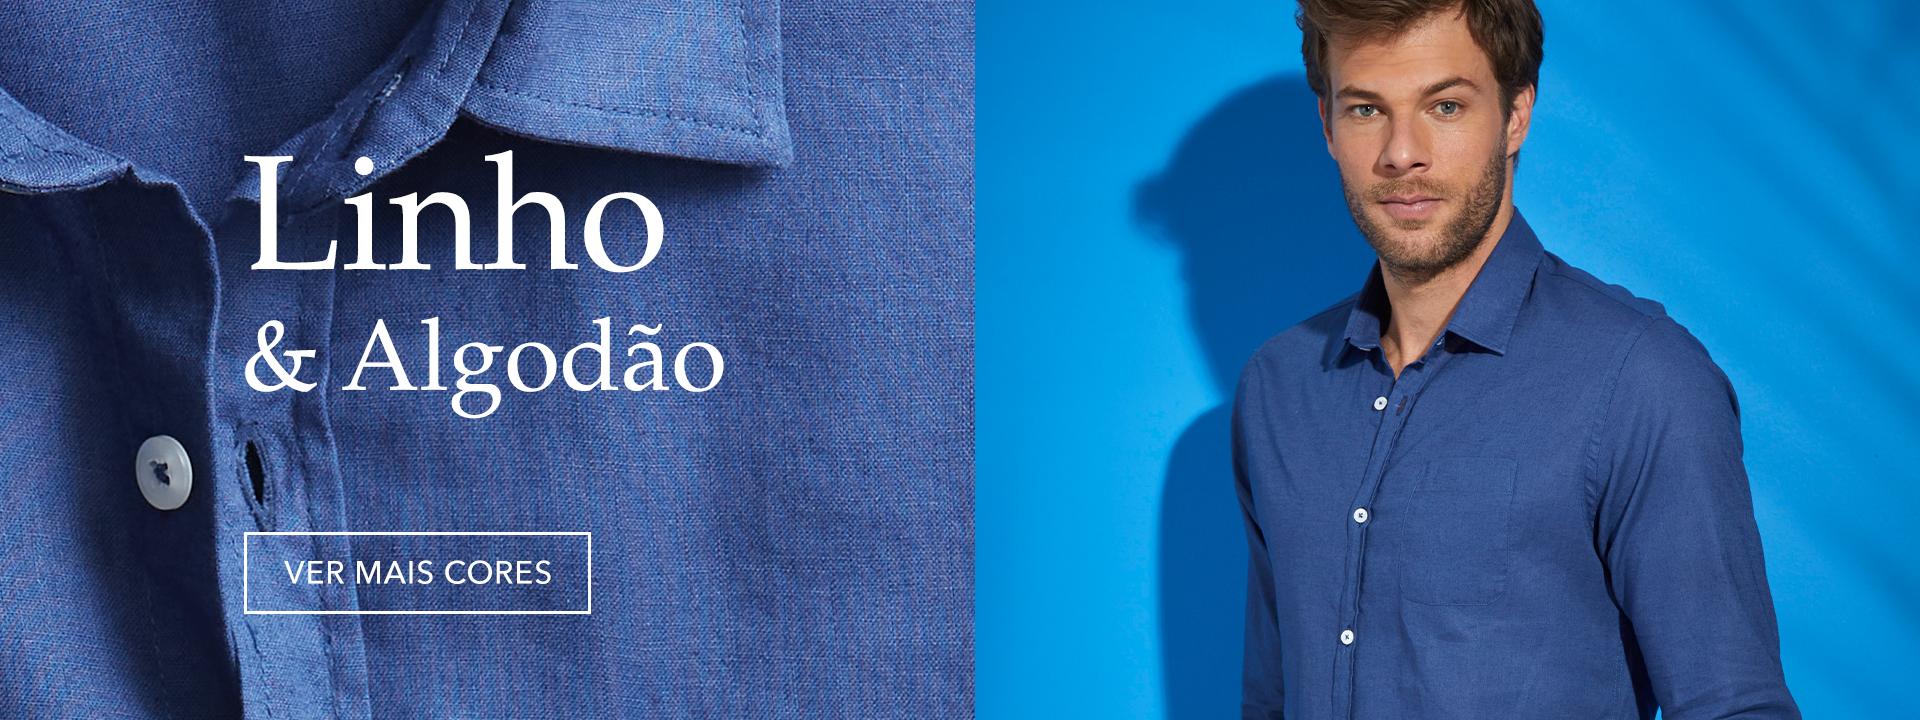 LINHO E ALGODÃO DESK